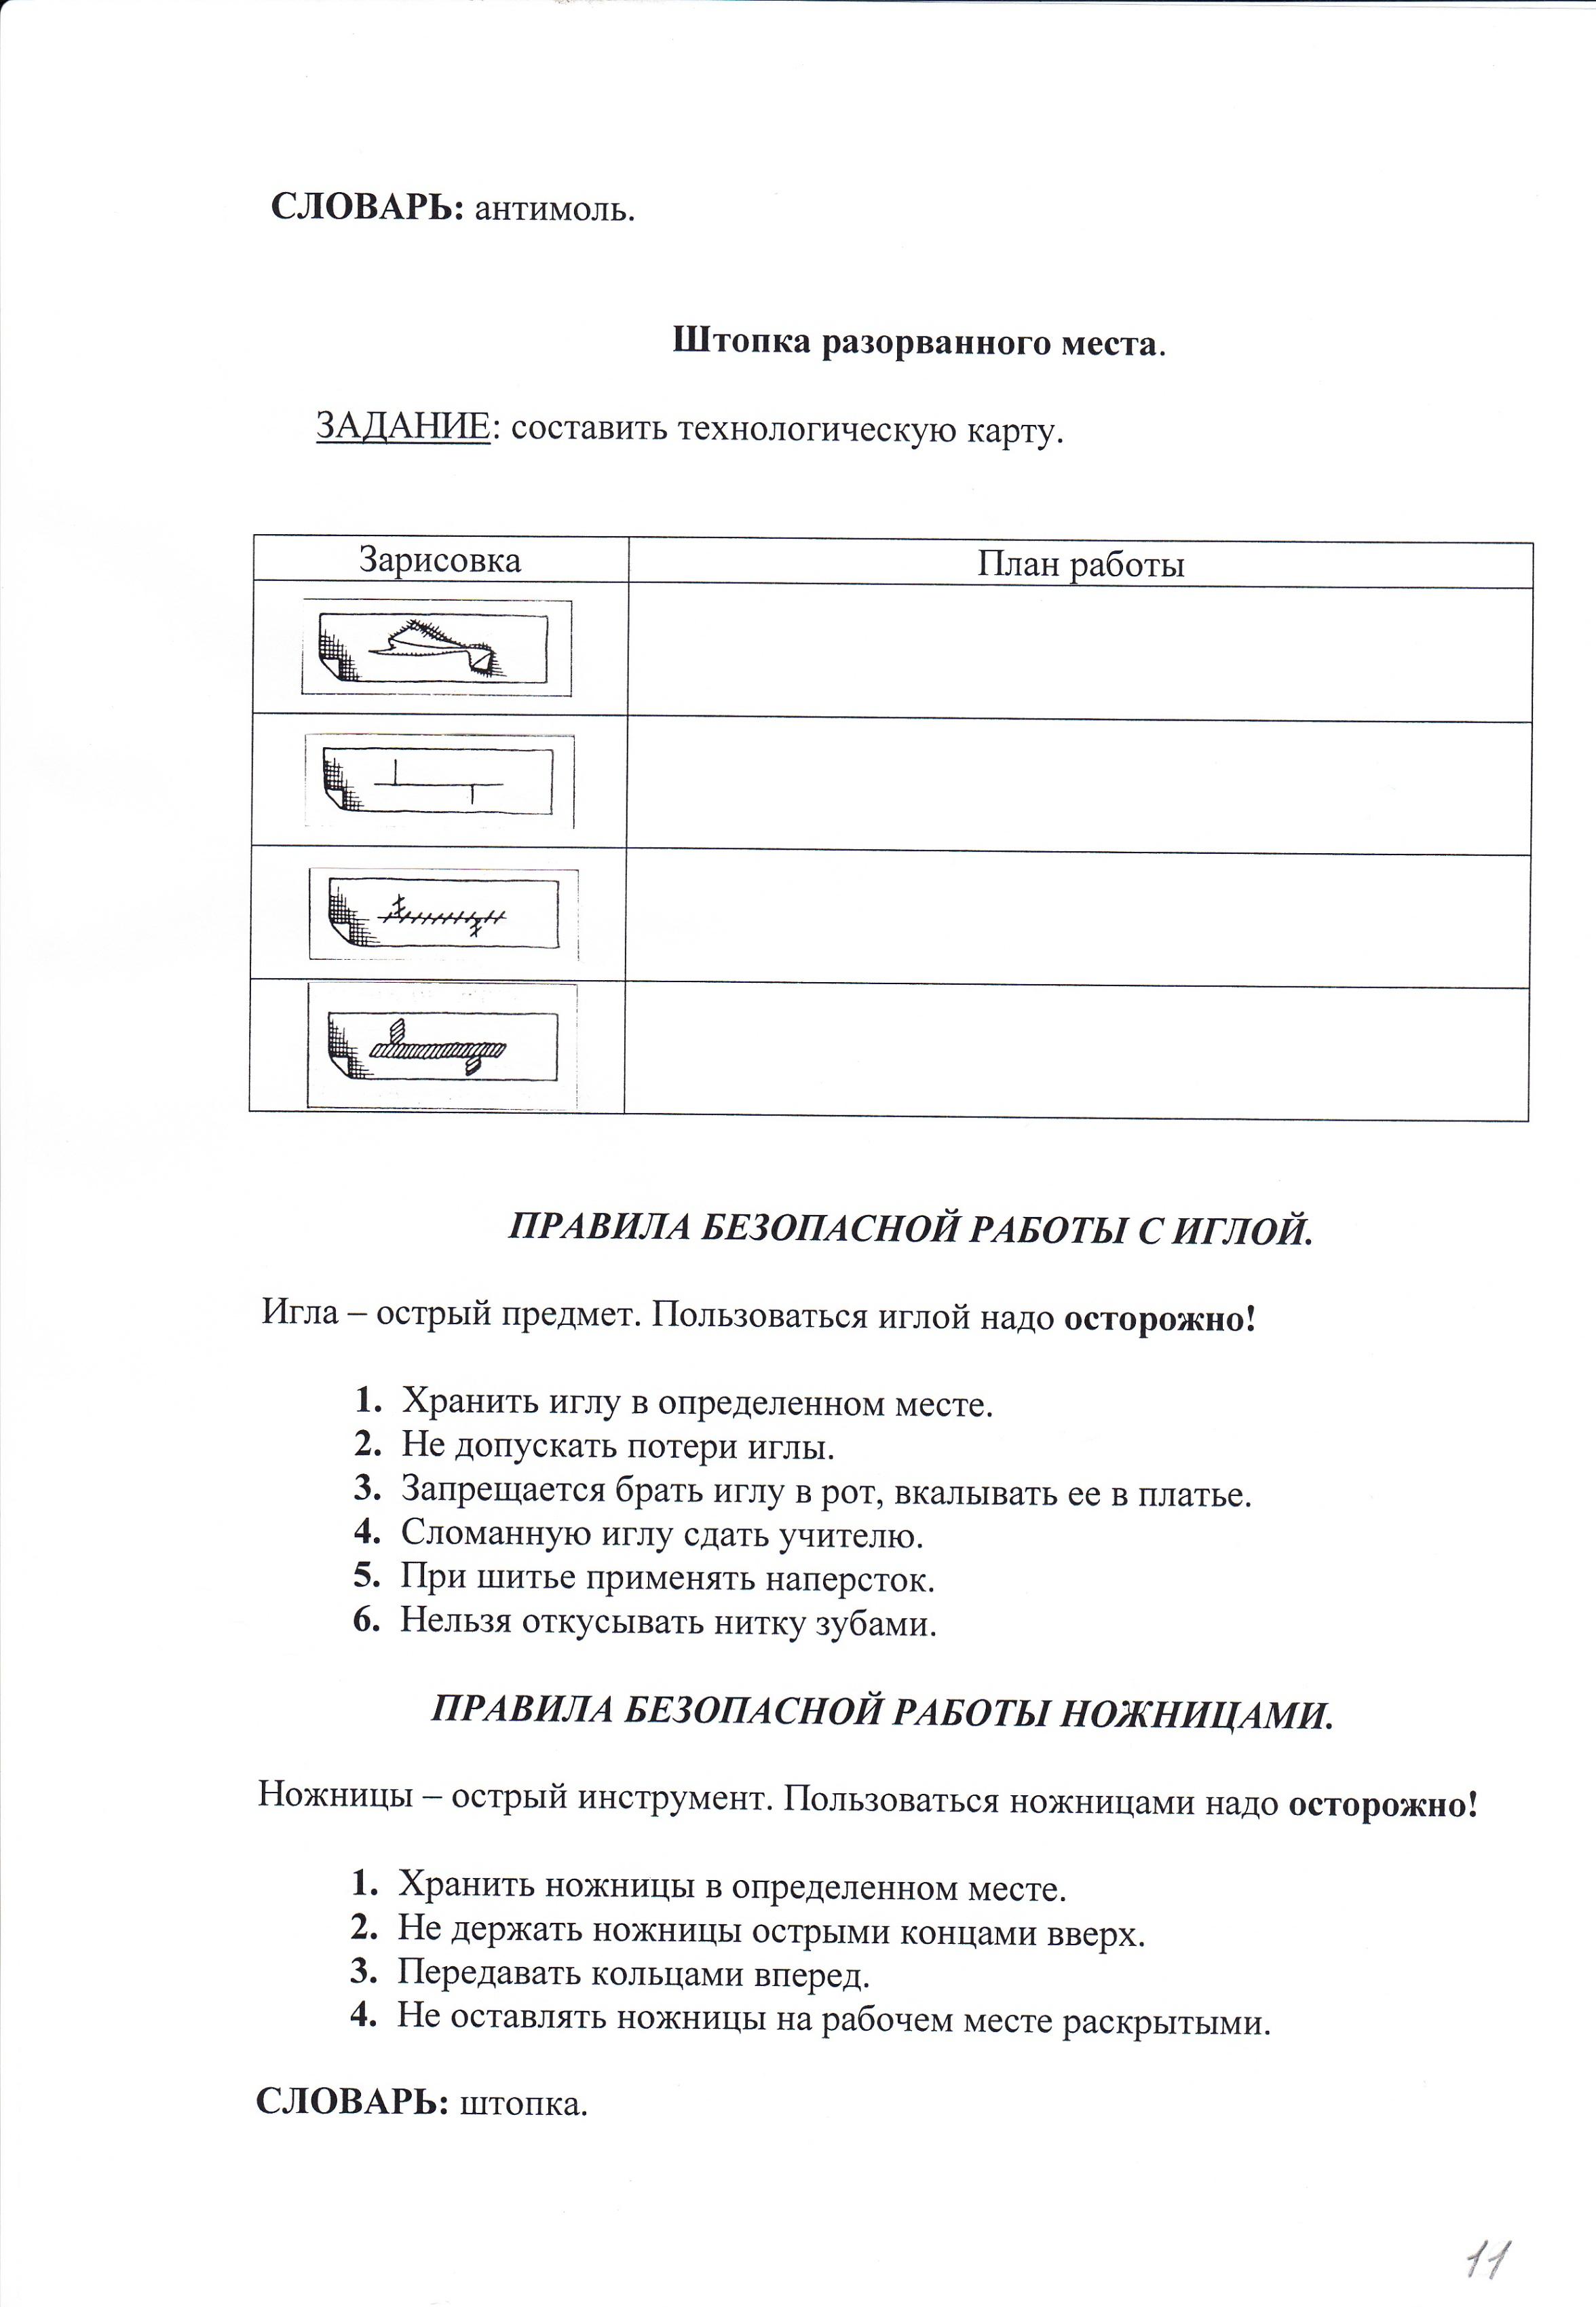 Описание: C:\Documents and Settings\Администратор\Мои документы\Мои рисунки\MP Navigator EX\2011_06_19\IMG_0002.jpg